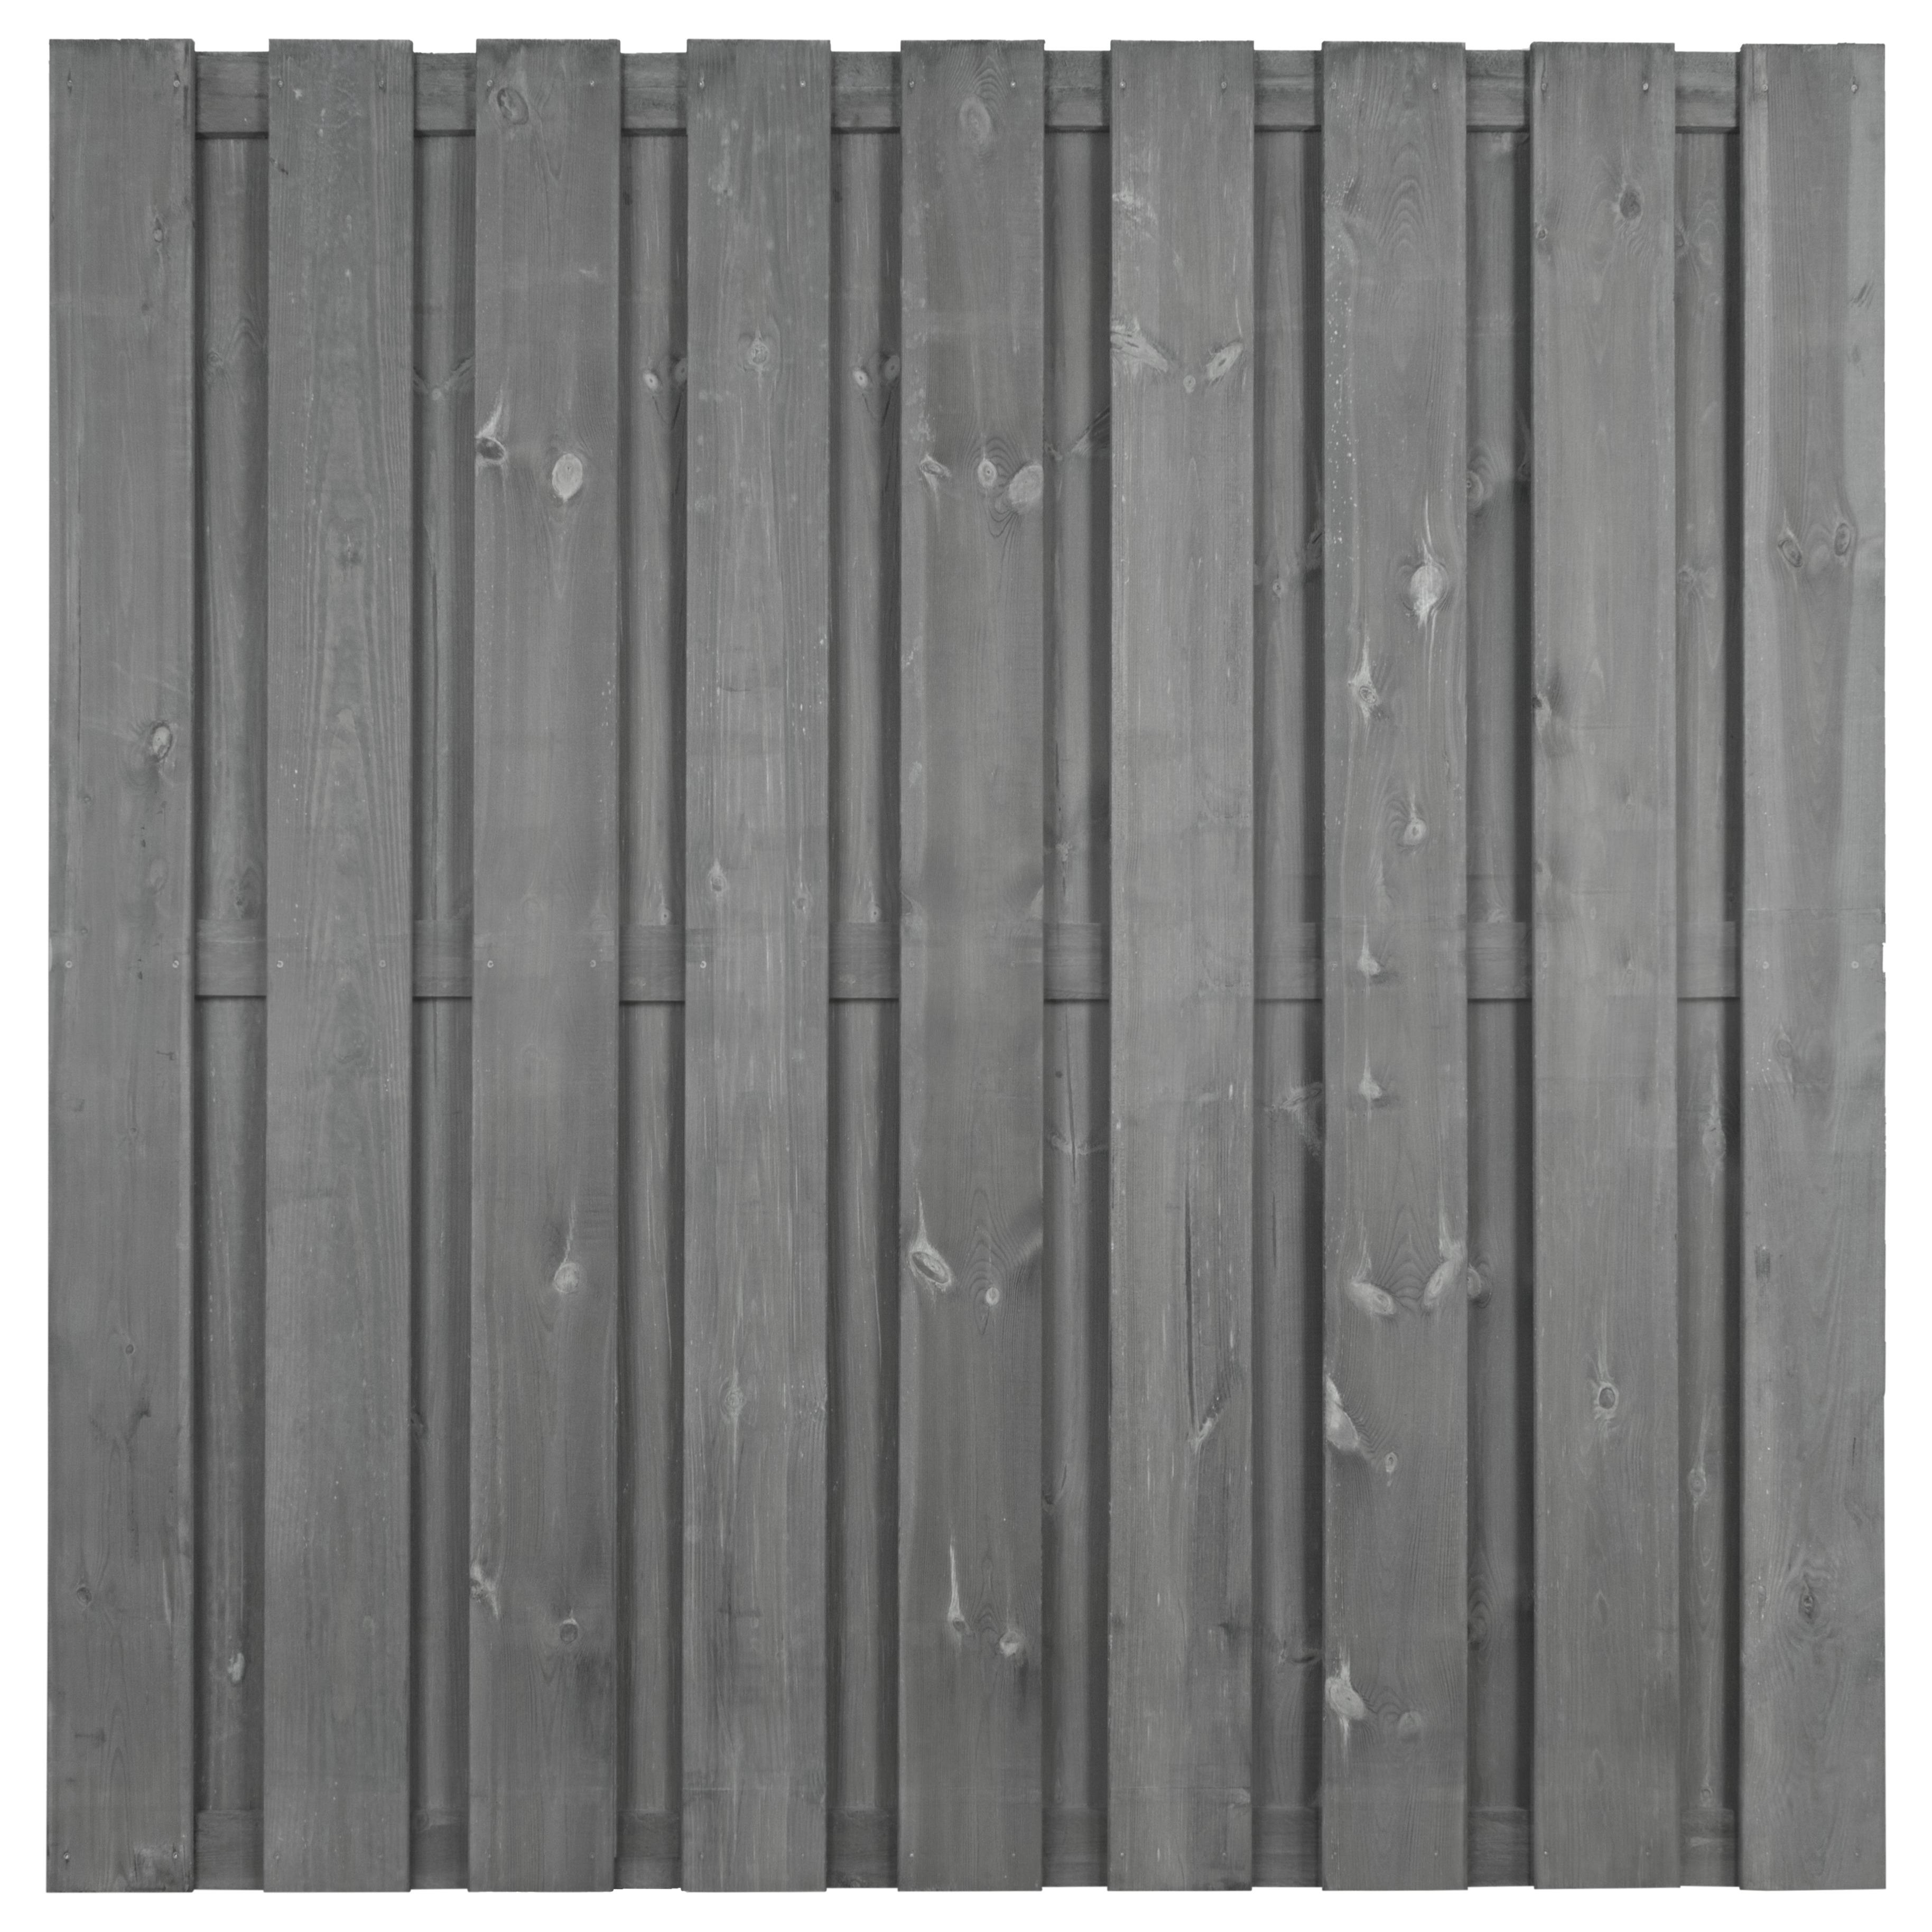 Schutting Royal grijs grenenhout ca. 180x180 cm recht